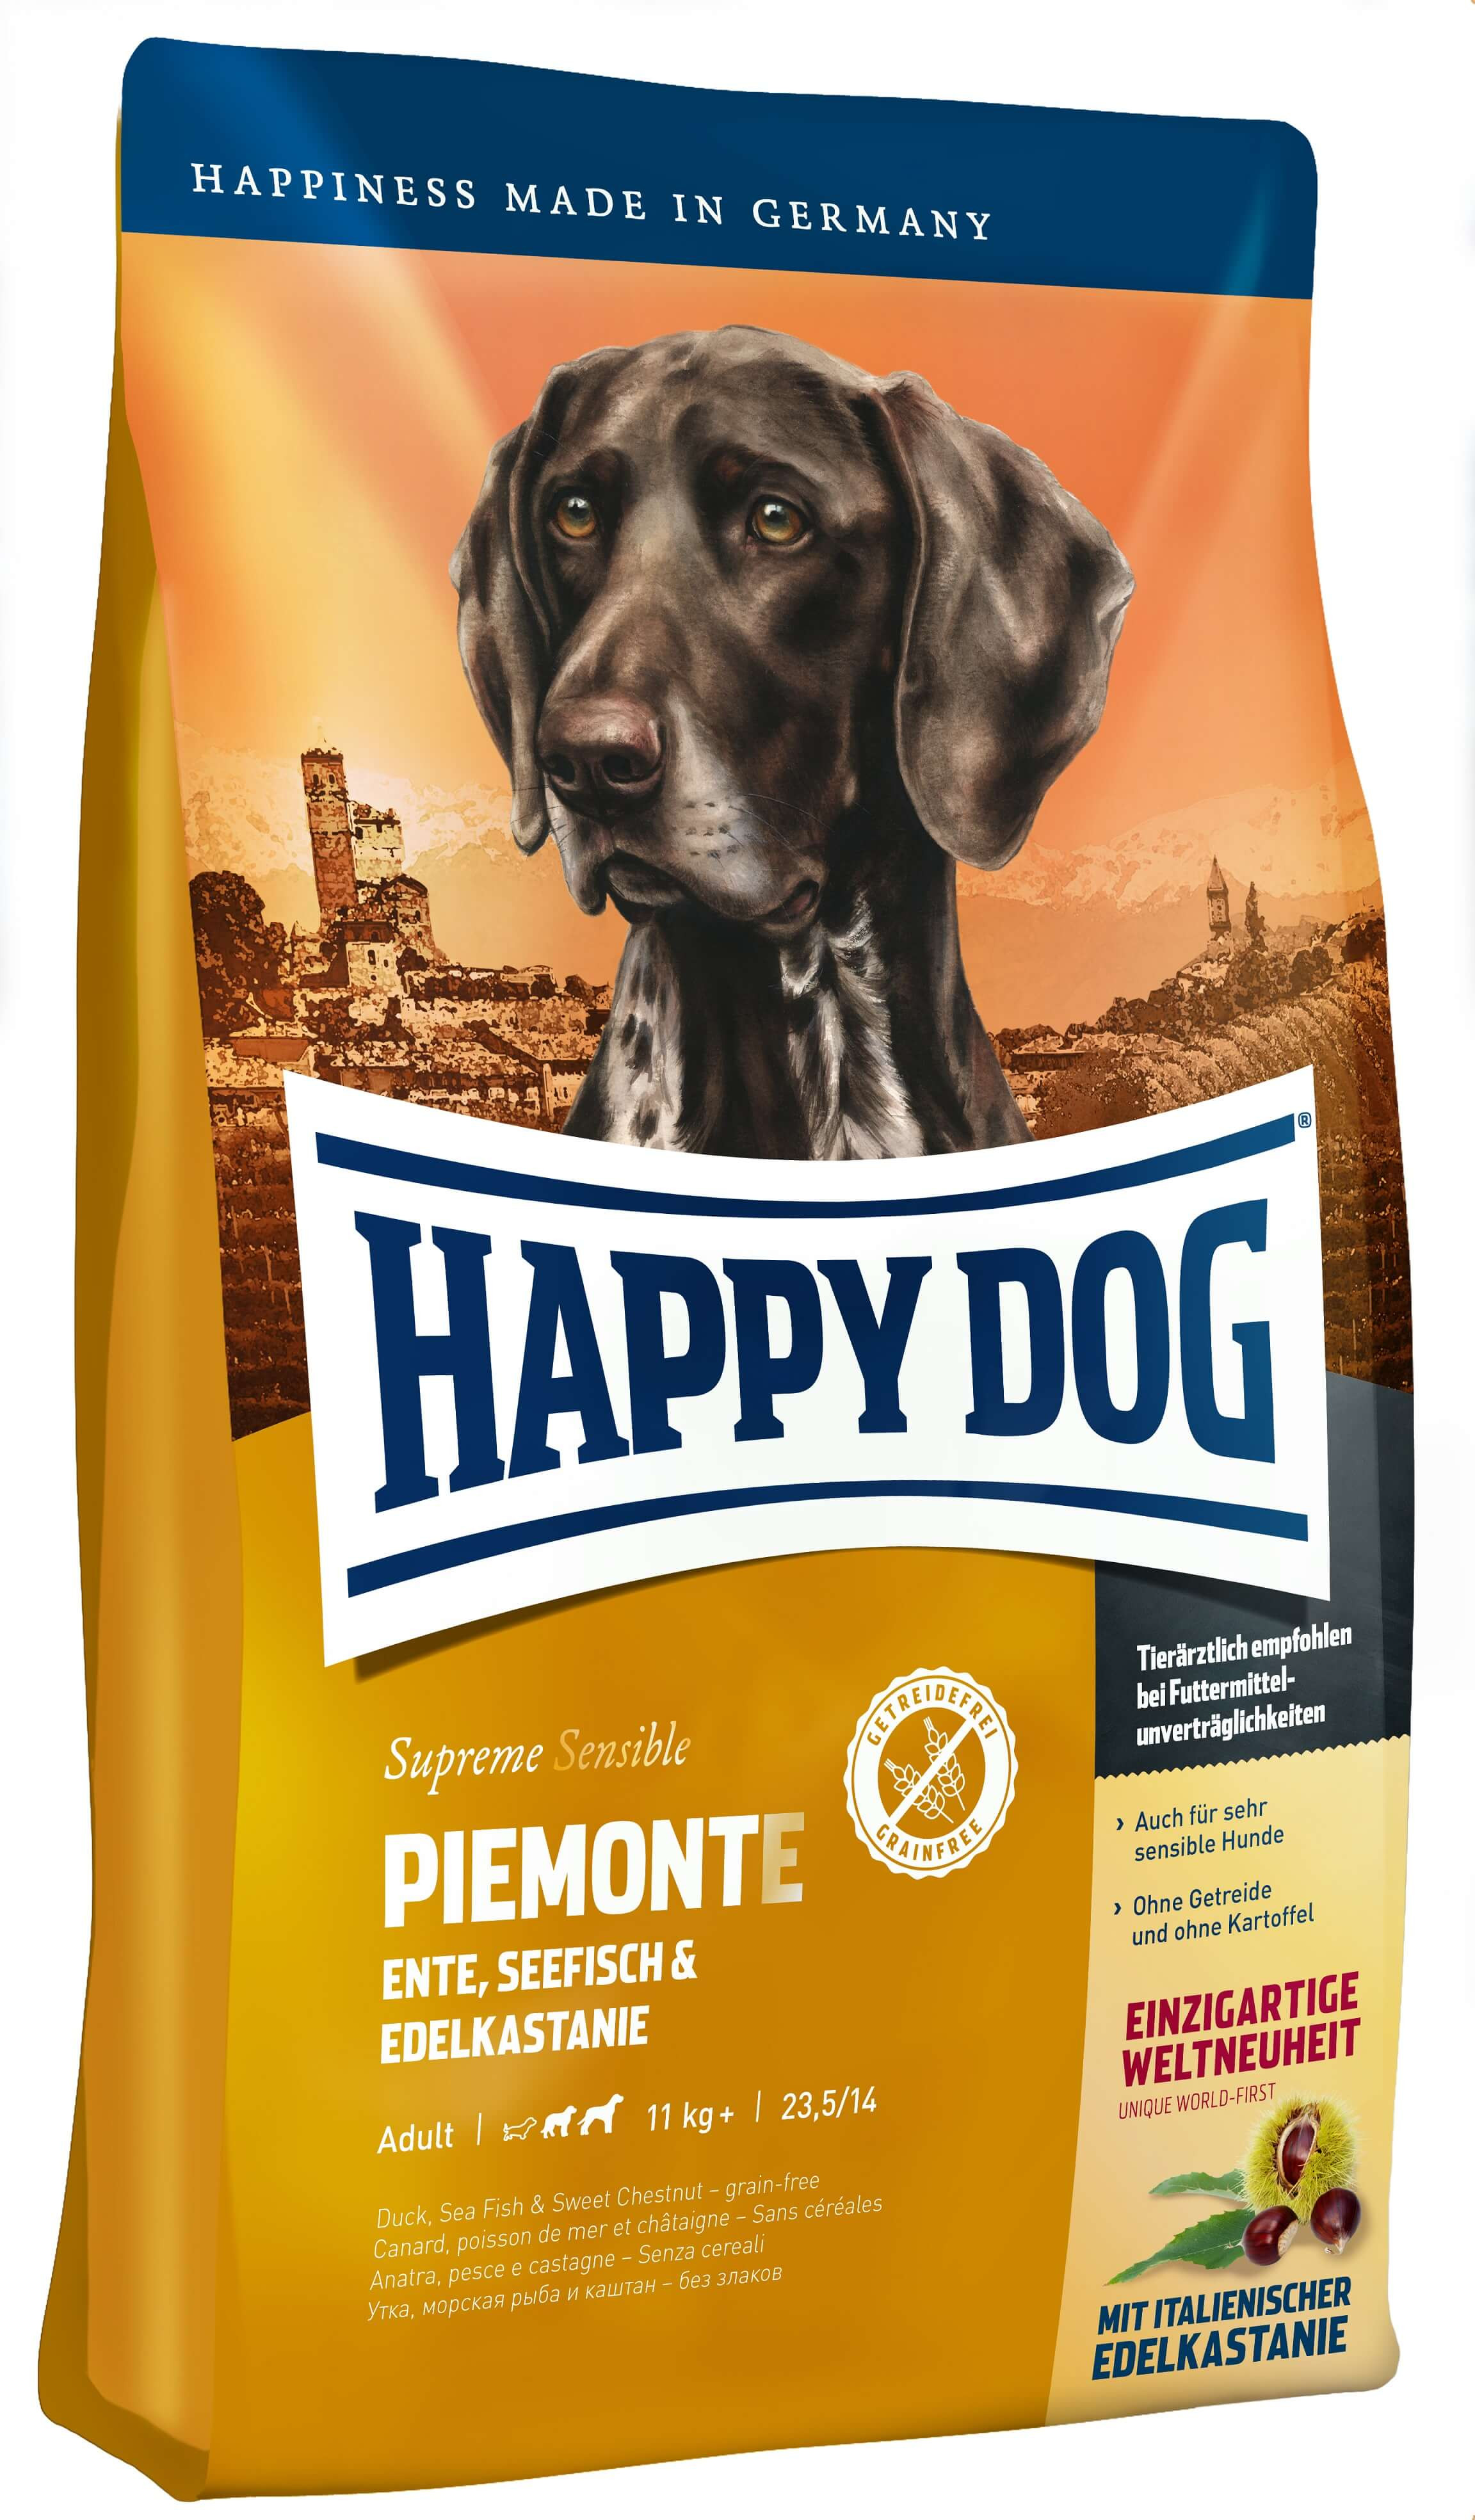 Happy Dog Supreme Sensible Piemonte hondenvoer